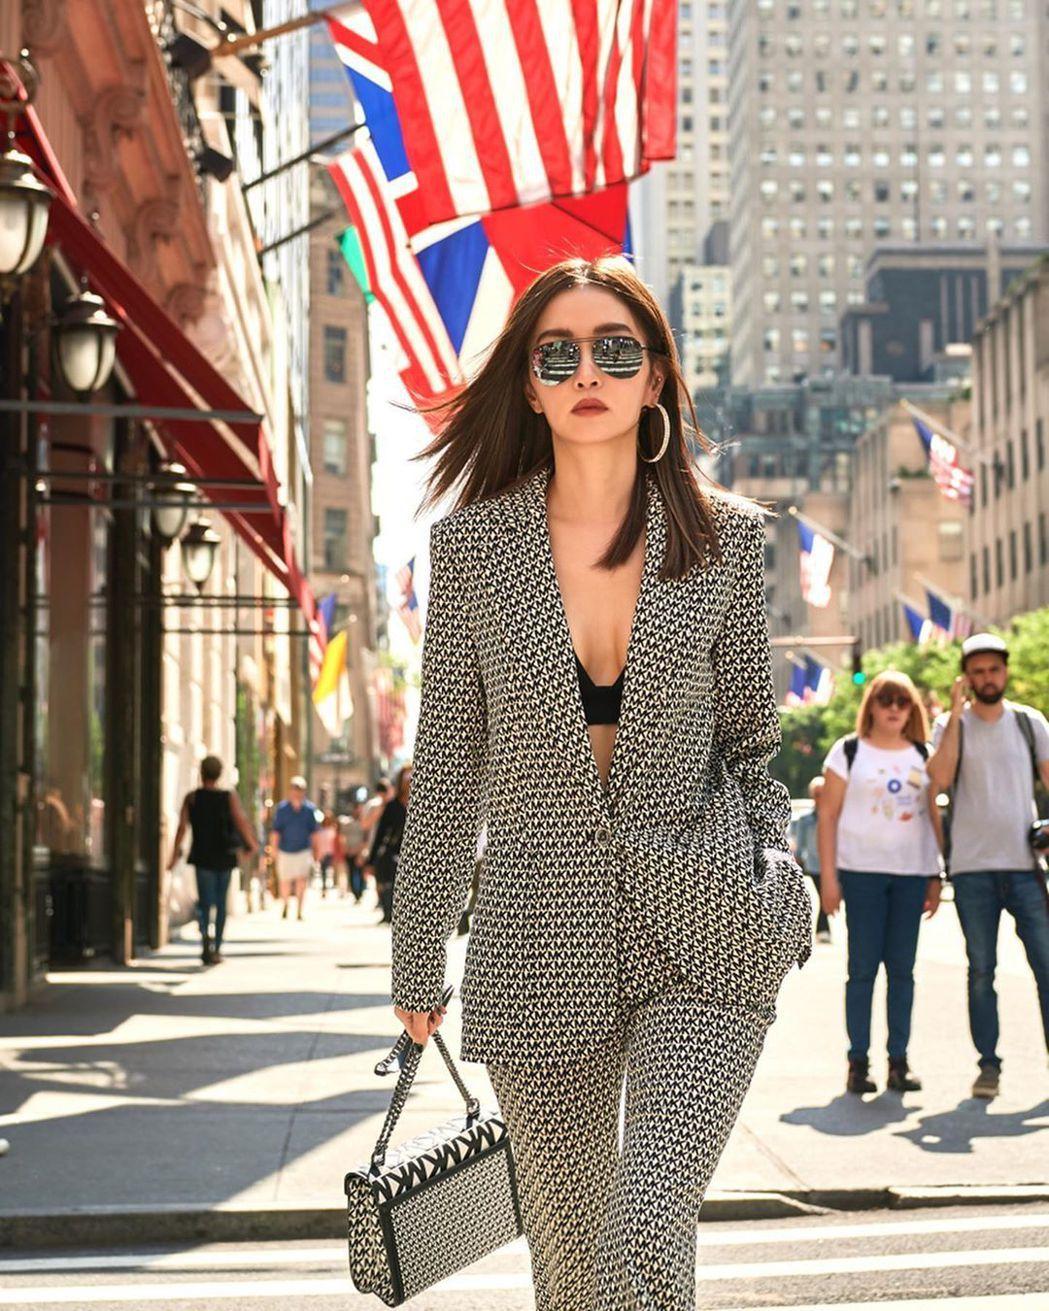 謝金燕出席紐約時裝周。 圖/擷自謝金燕IG